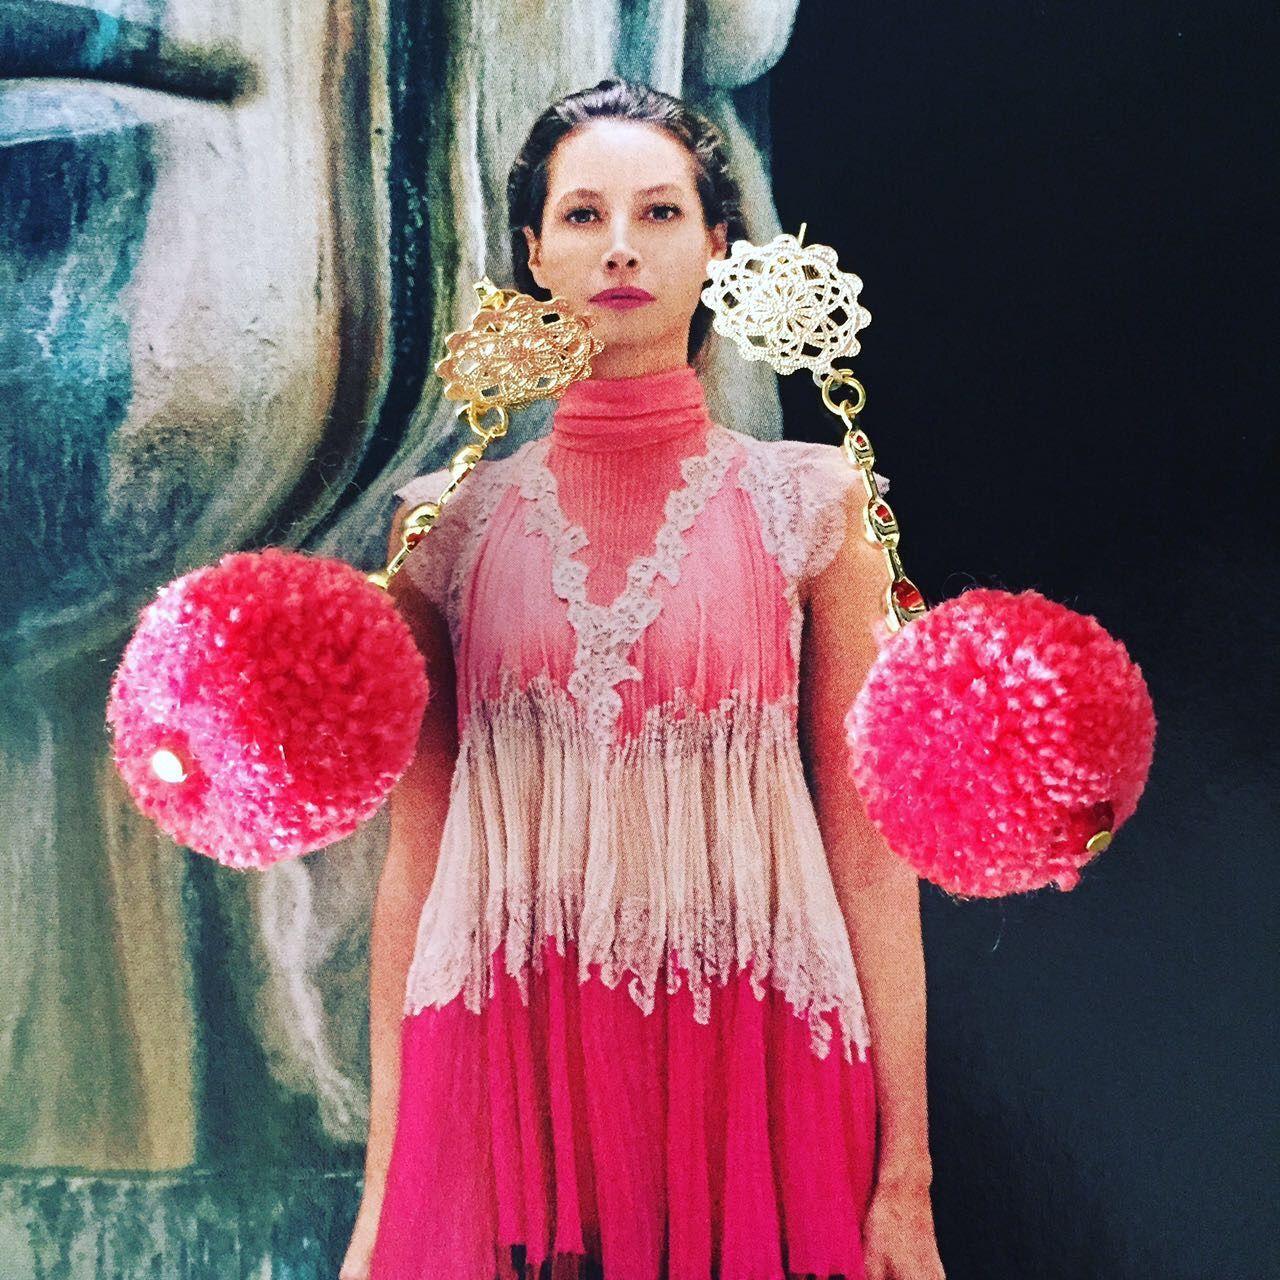 d4e7d2201a47 Somos una empresa apasionada por el tema de accesorios artesanales llenos  de colorido para mujeres que